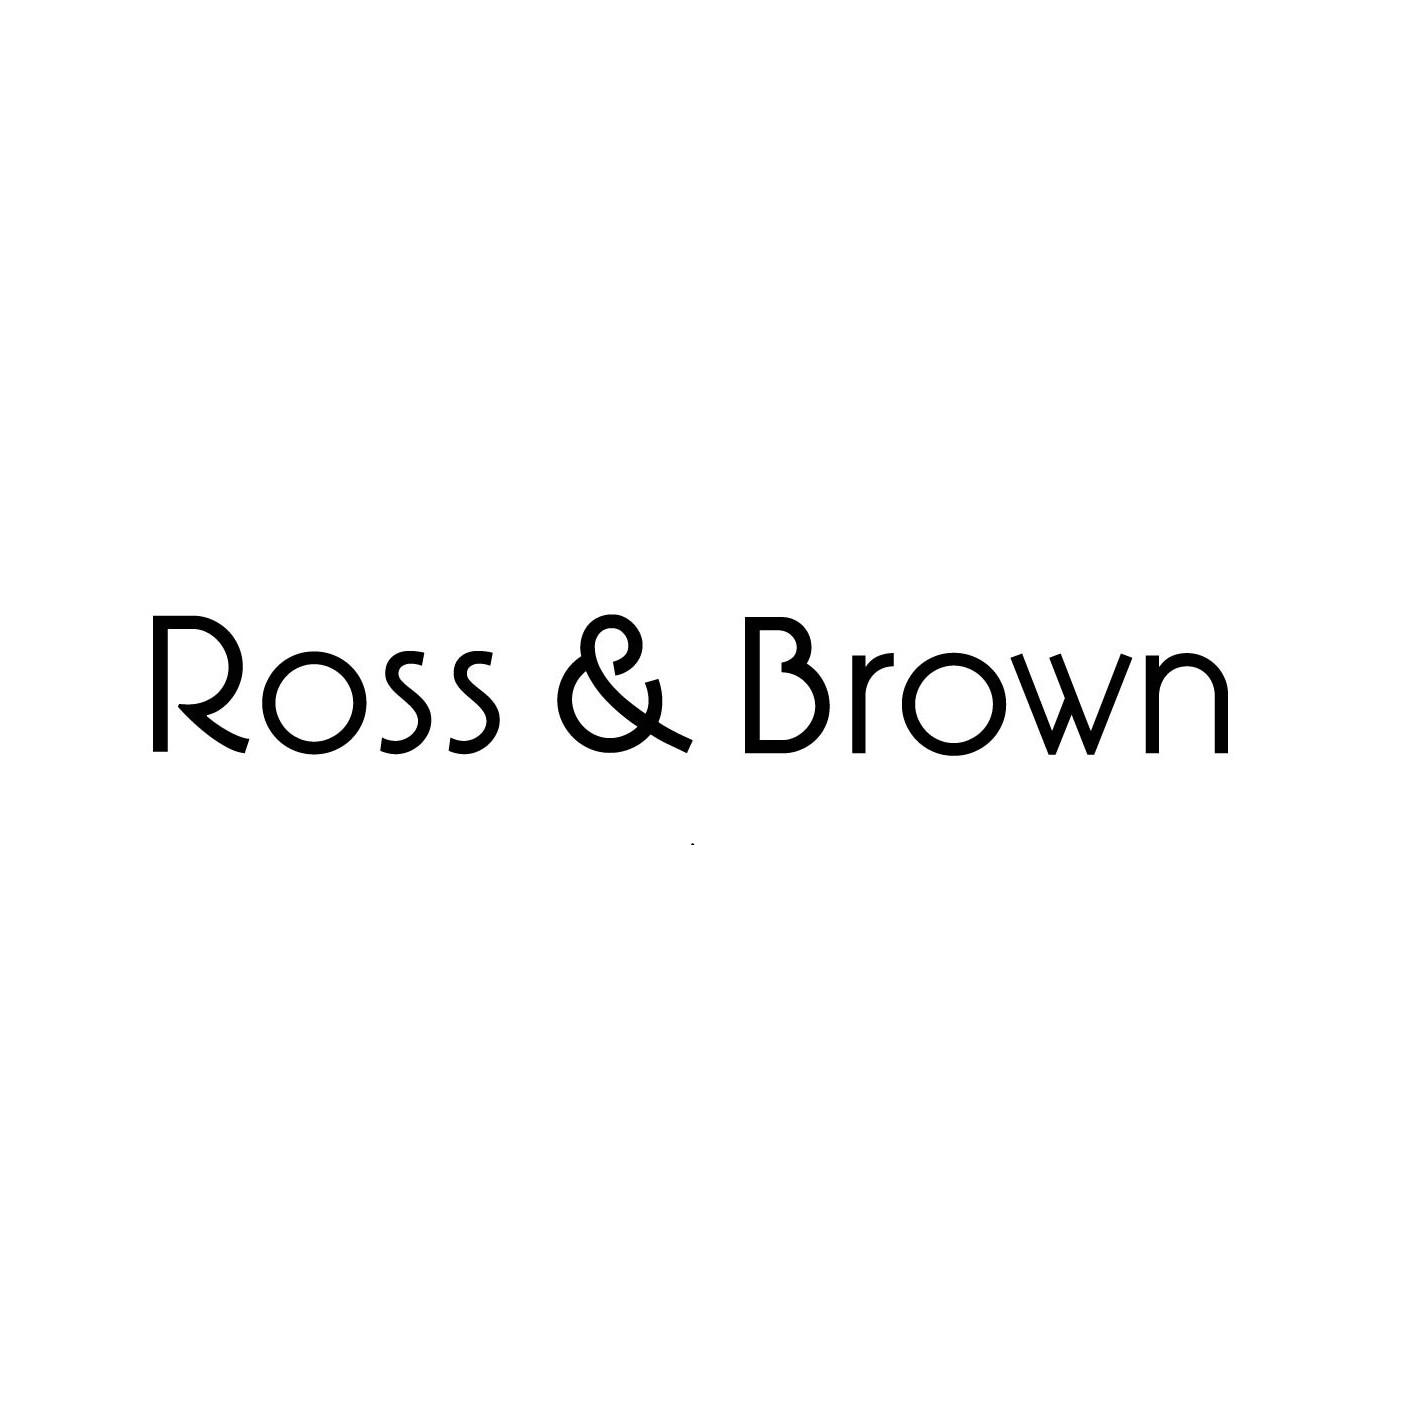 Ross & Brown Logo.png